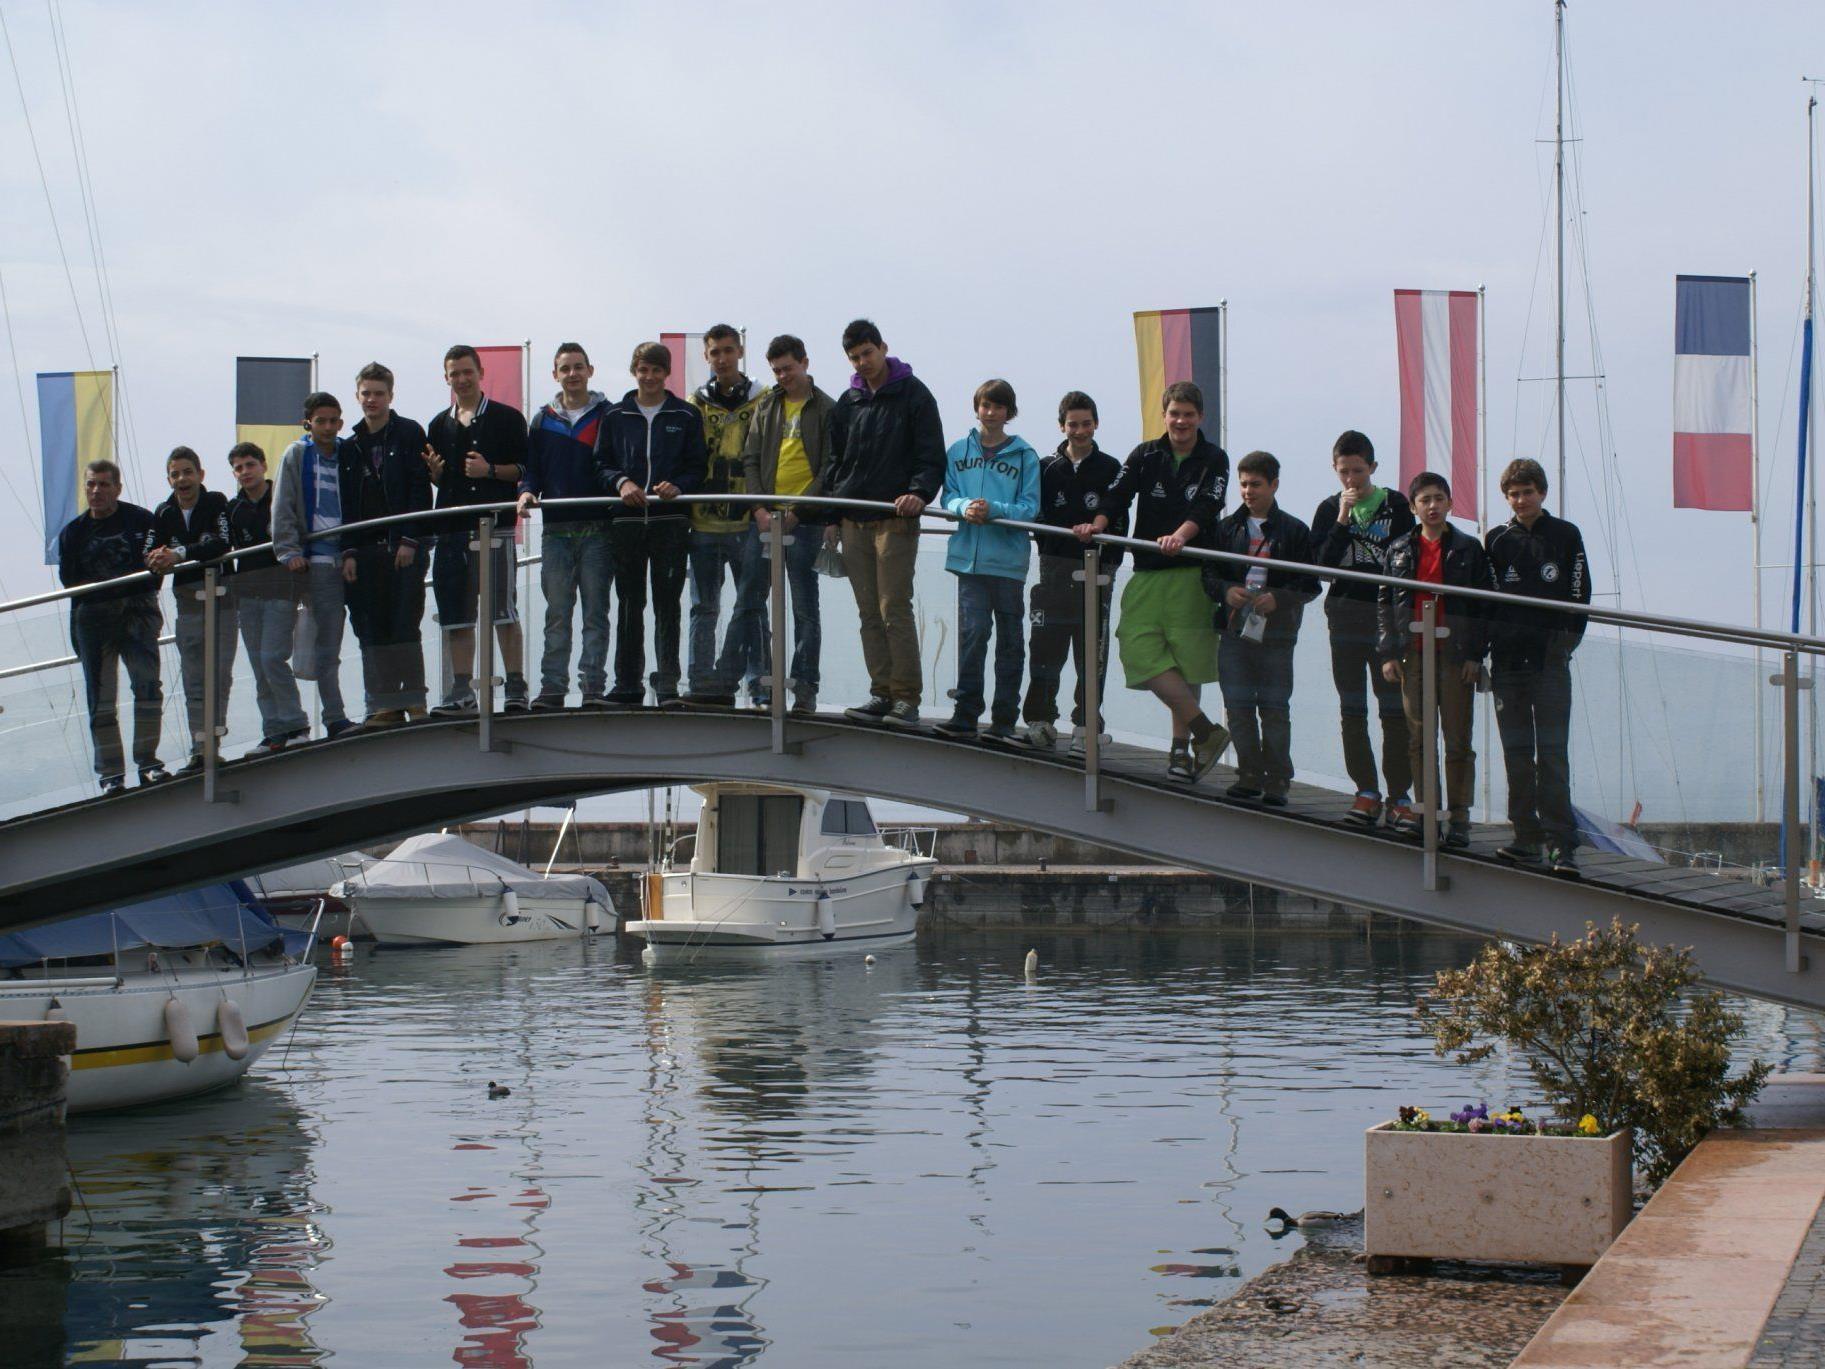 Trainingslager der Rätia U15 am Gardasee